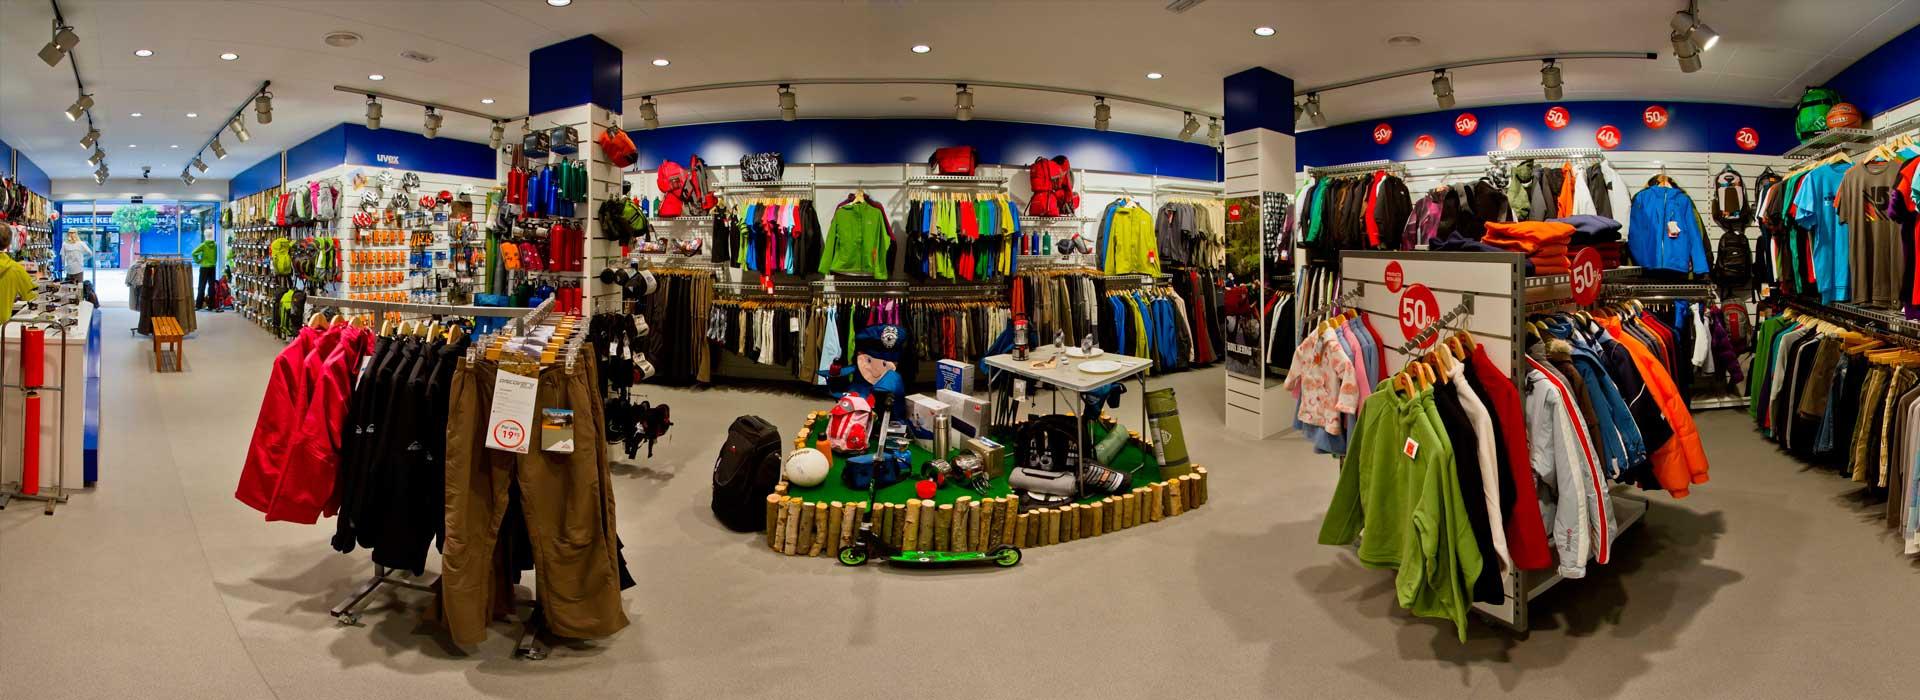 tienda y alquiler de esquis y snowboard en boi taull